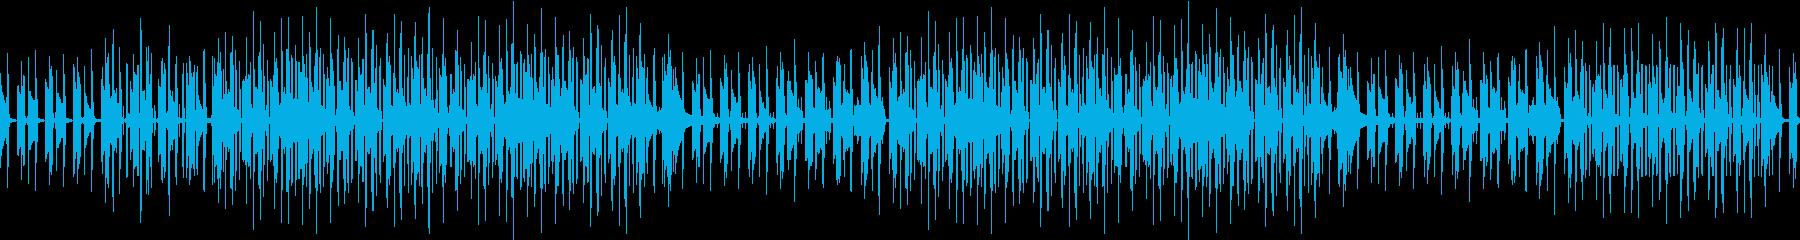 ギター・渋い・煙草・ブルース・ループの再生済みの波形